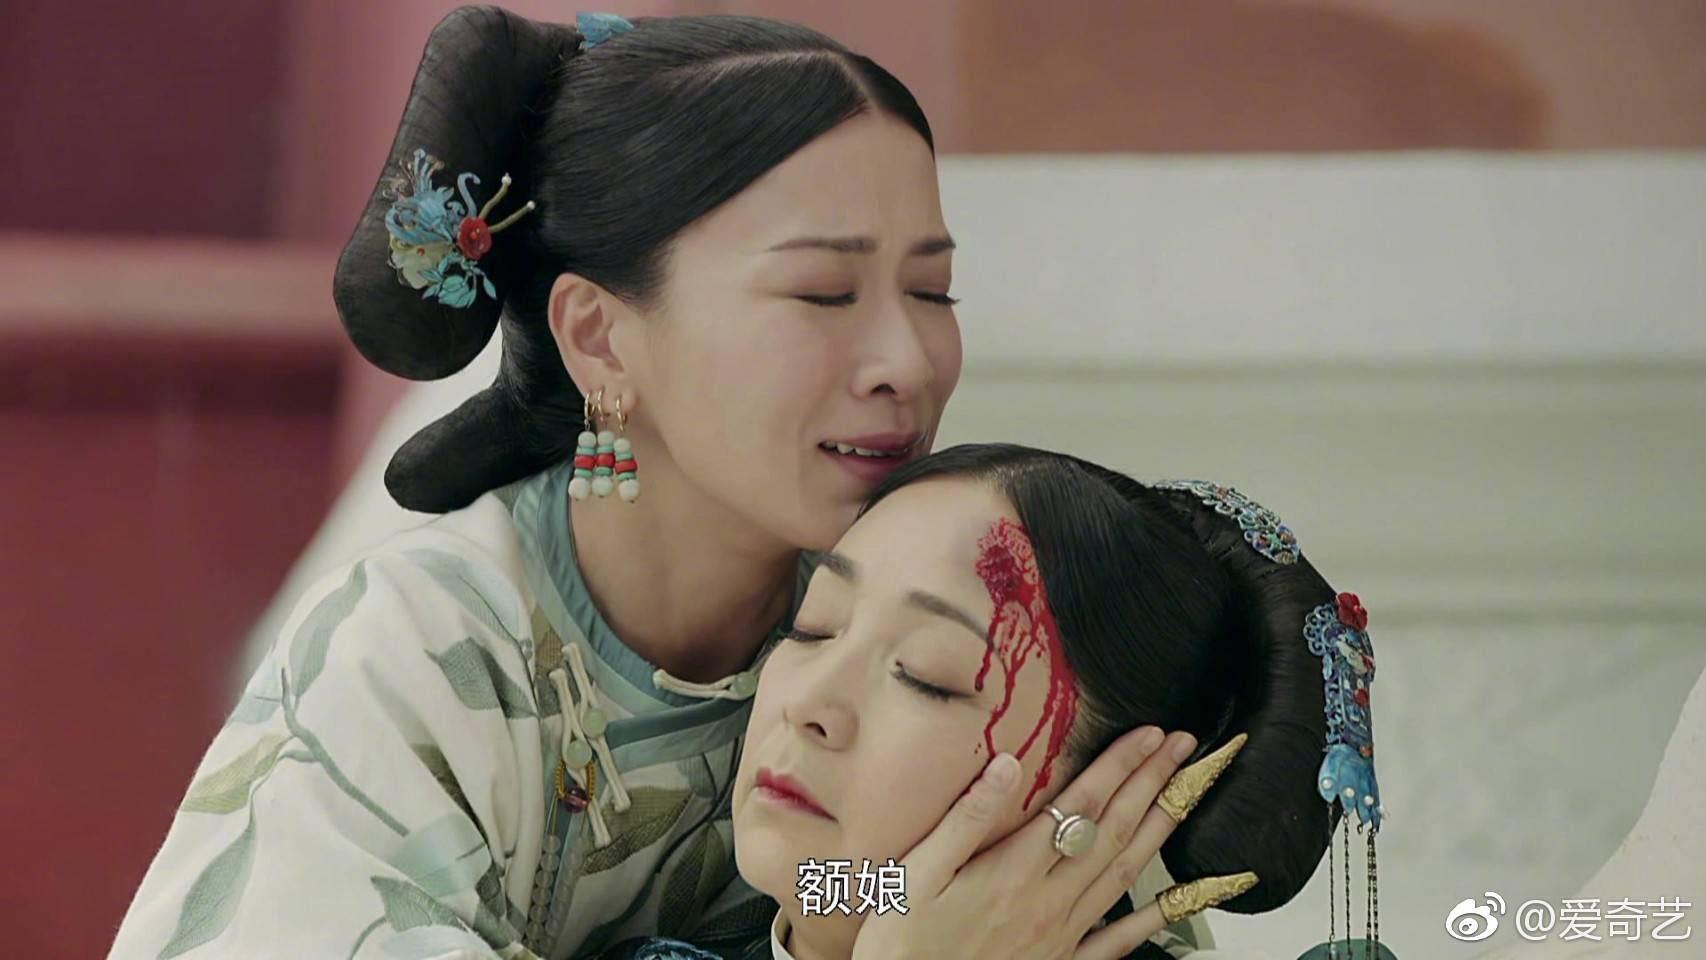 Khổ thân như Nhàn Phi - Xa Thi Mạn: Mặt hiền lành mà fan vẫn cứ cầu mong mau chóng ác, quét sạch hậu cung  - Ảnh 5.